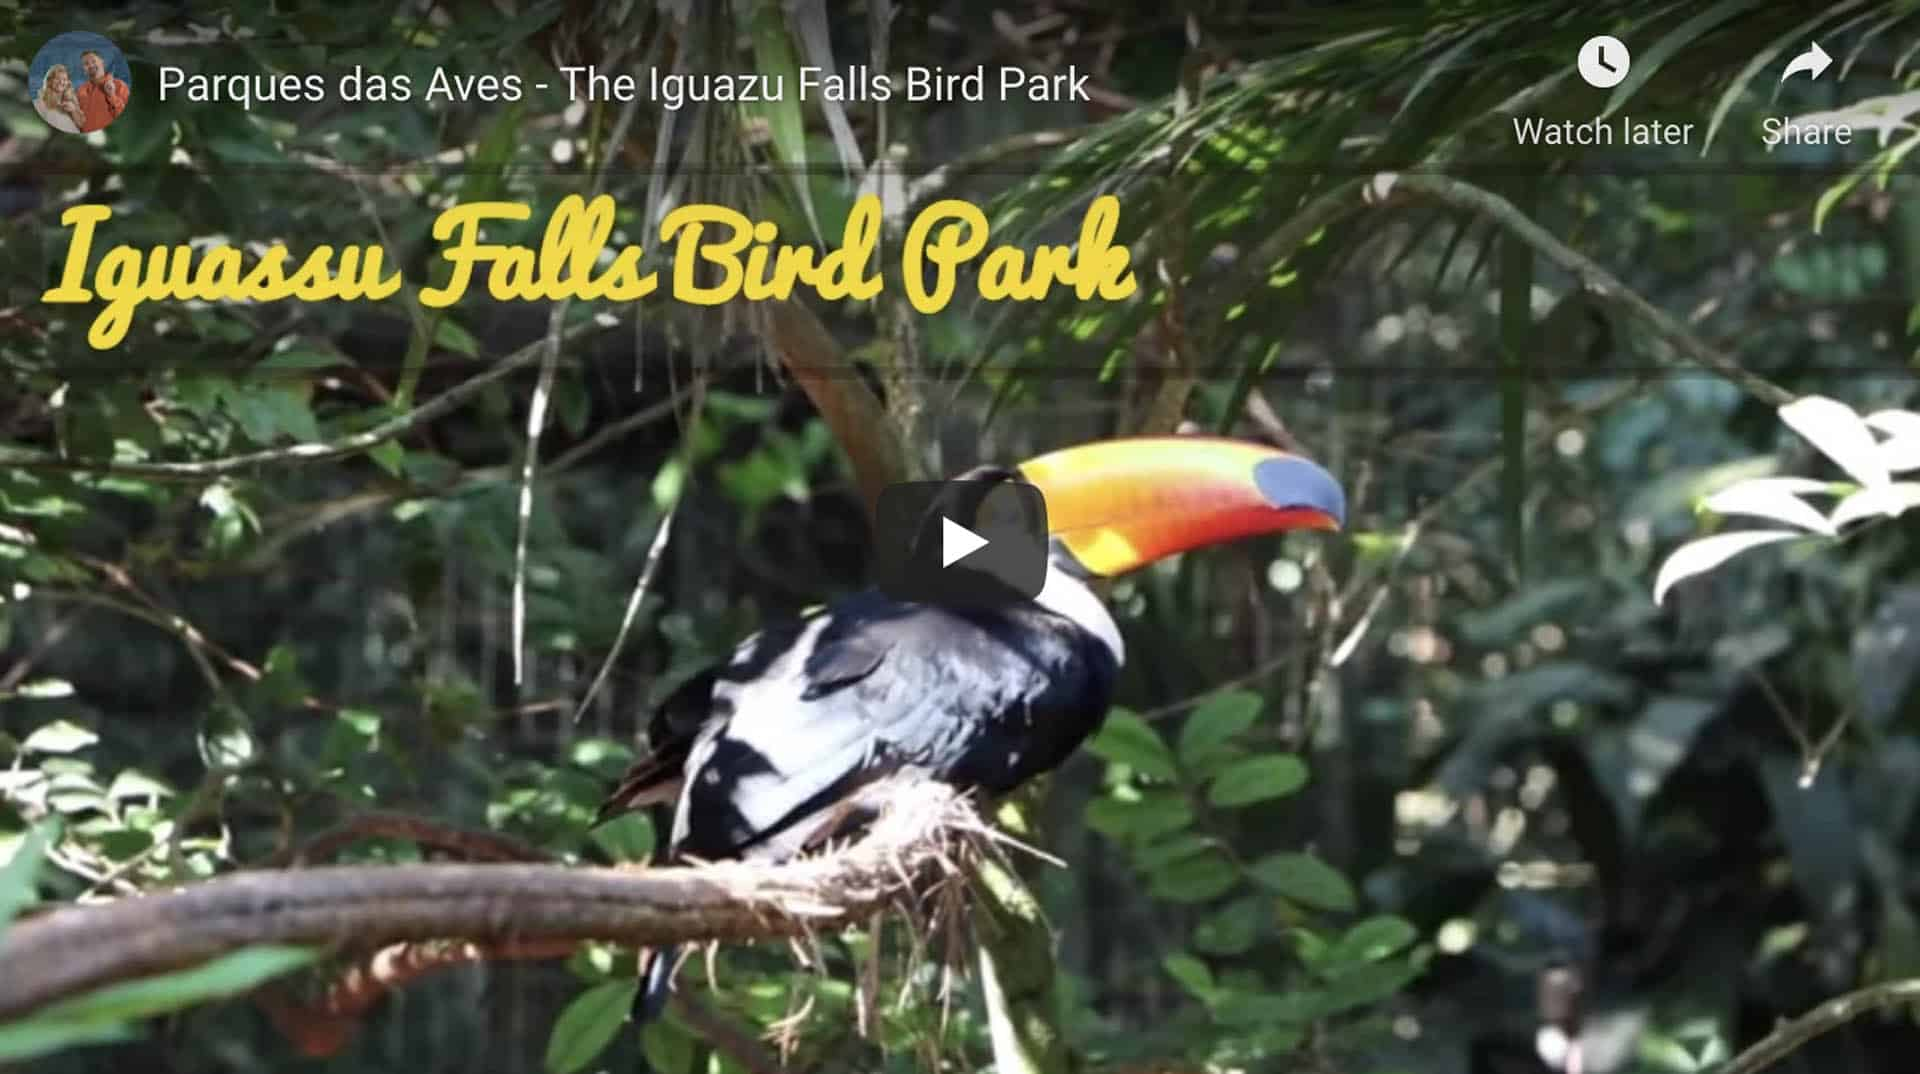 iguazu falls bird park video